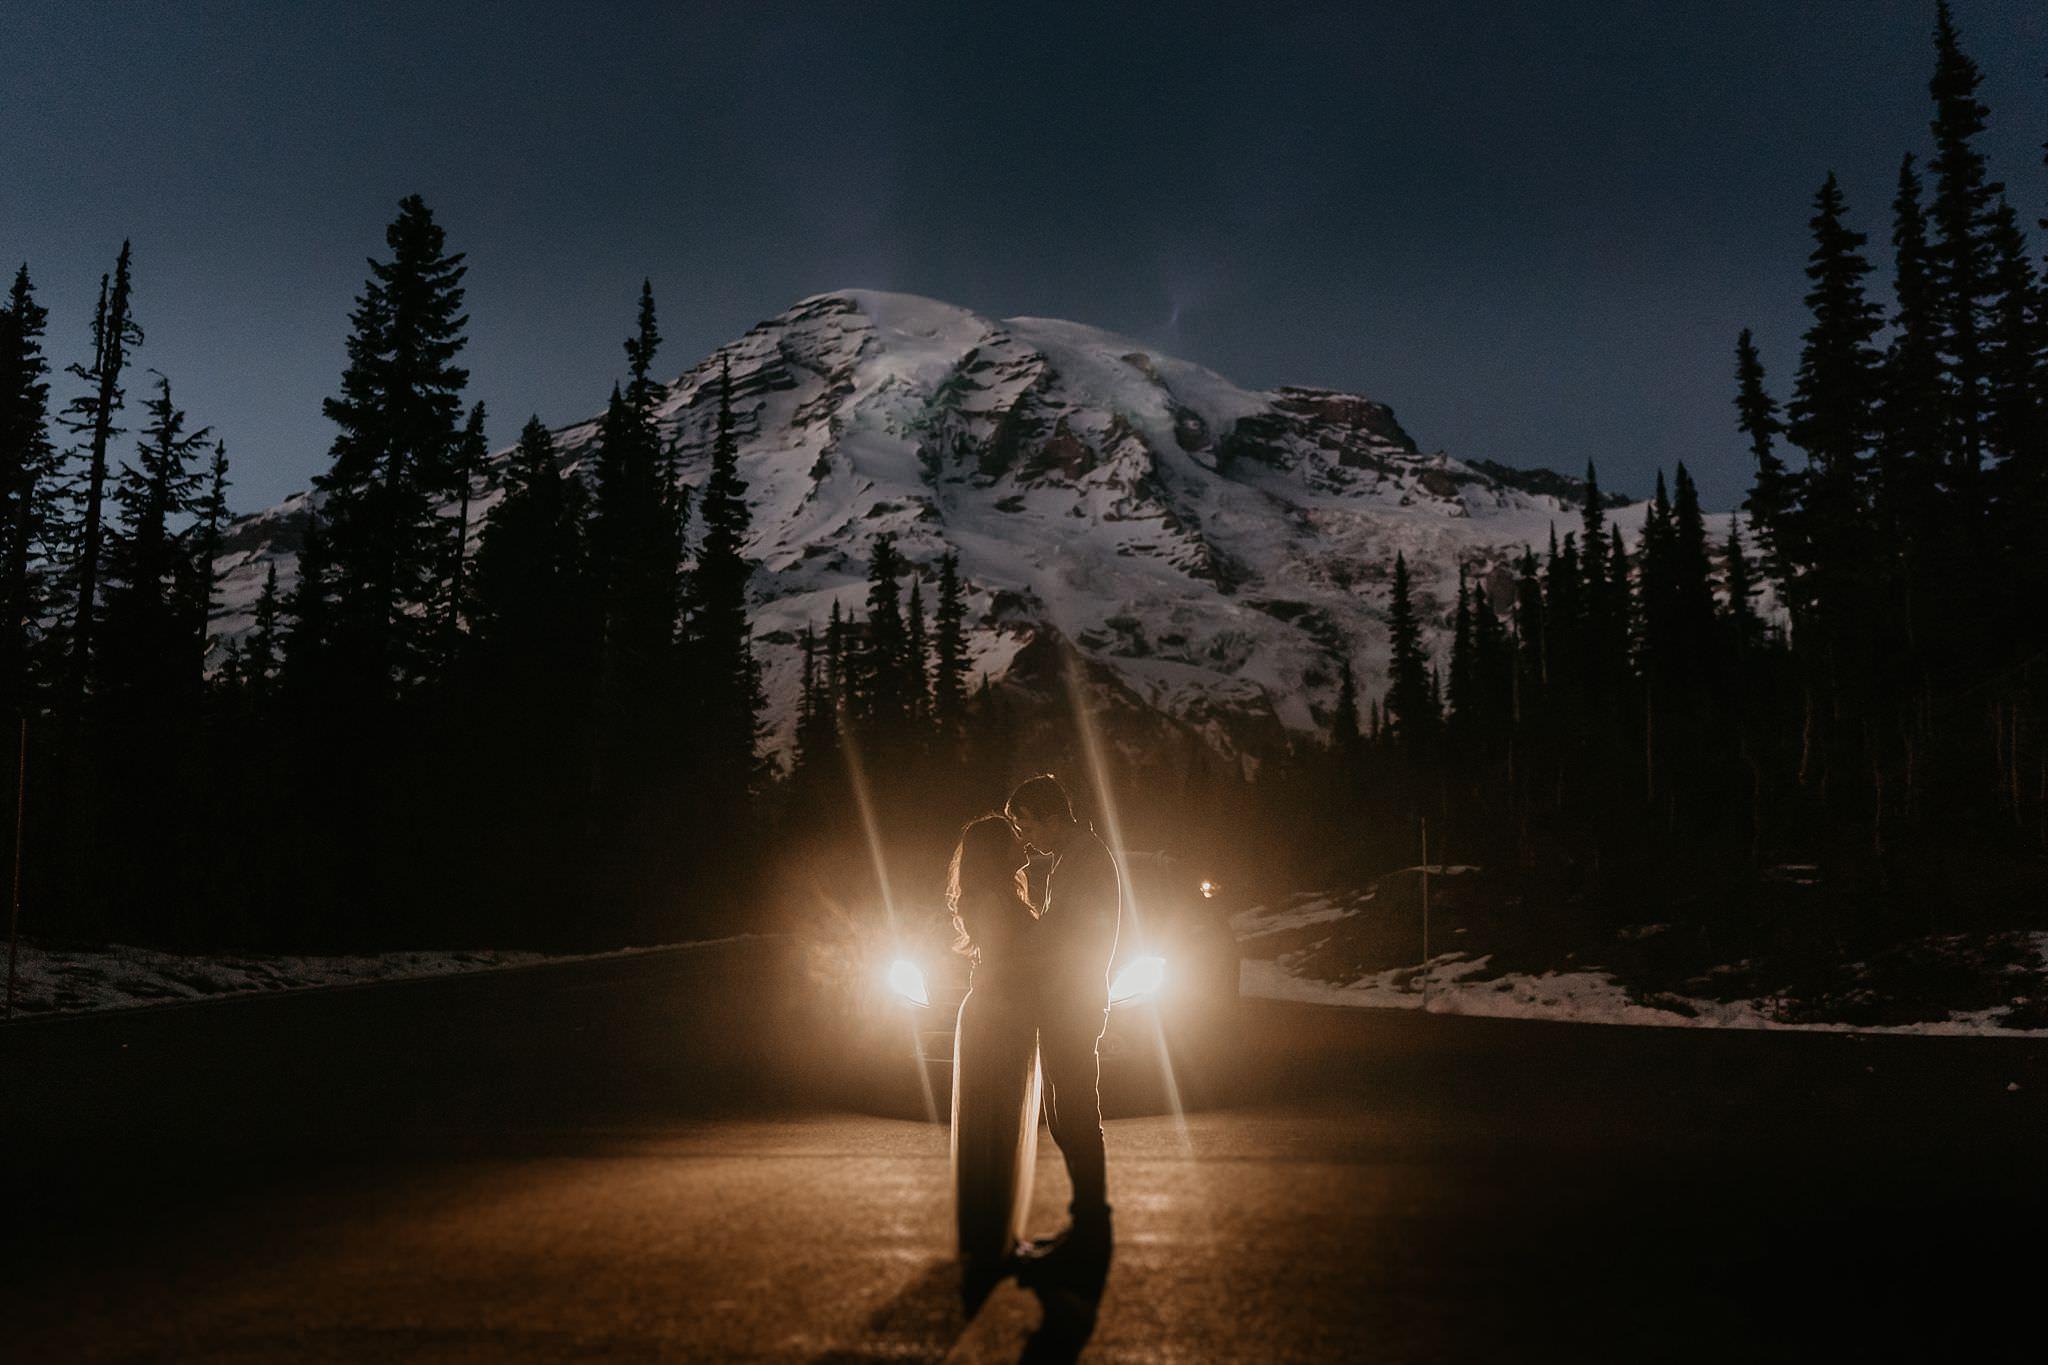 Mount rainier national park adventure elopement